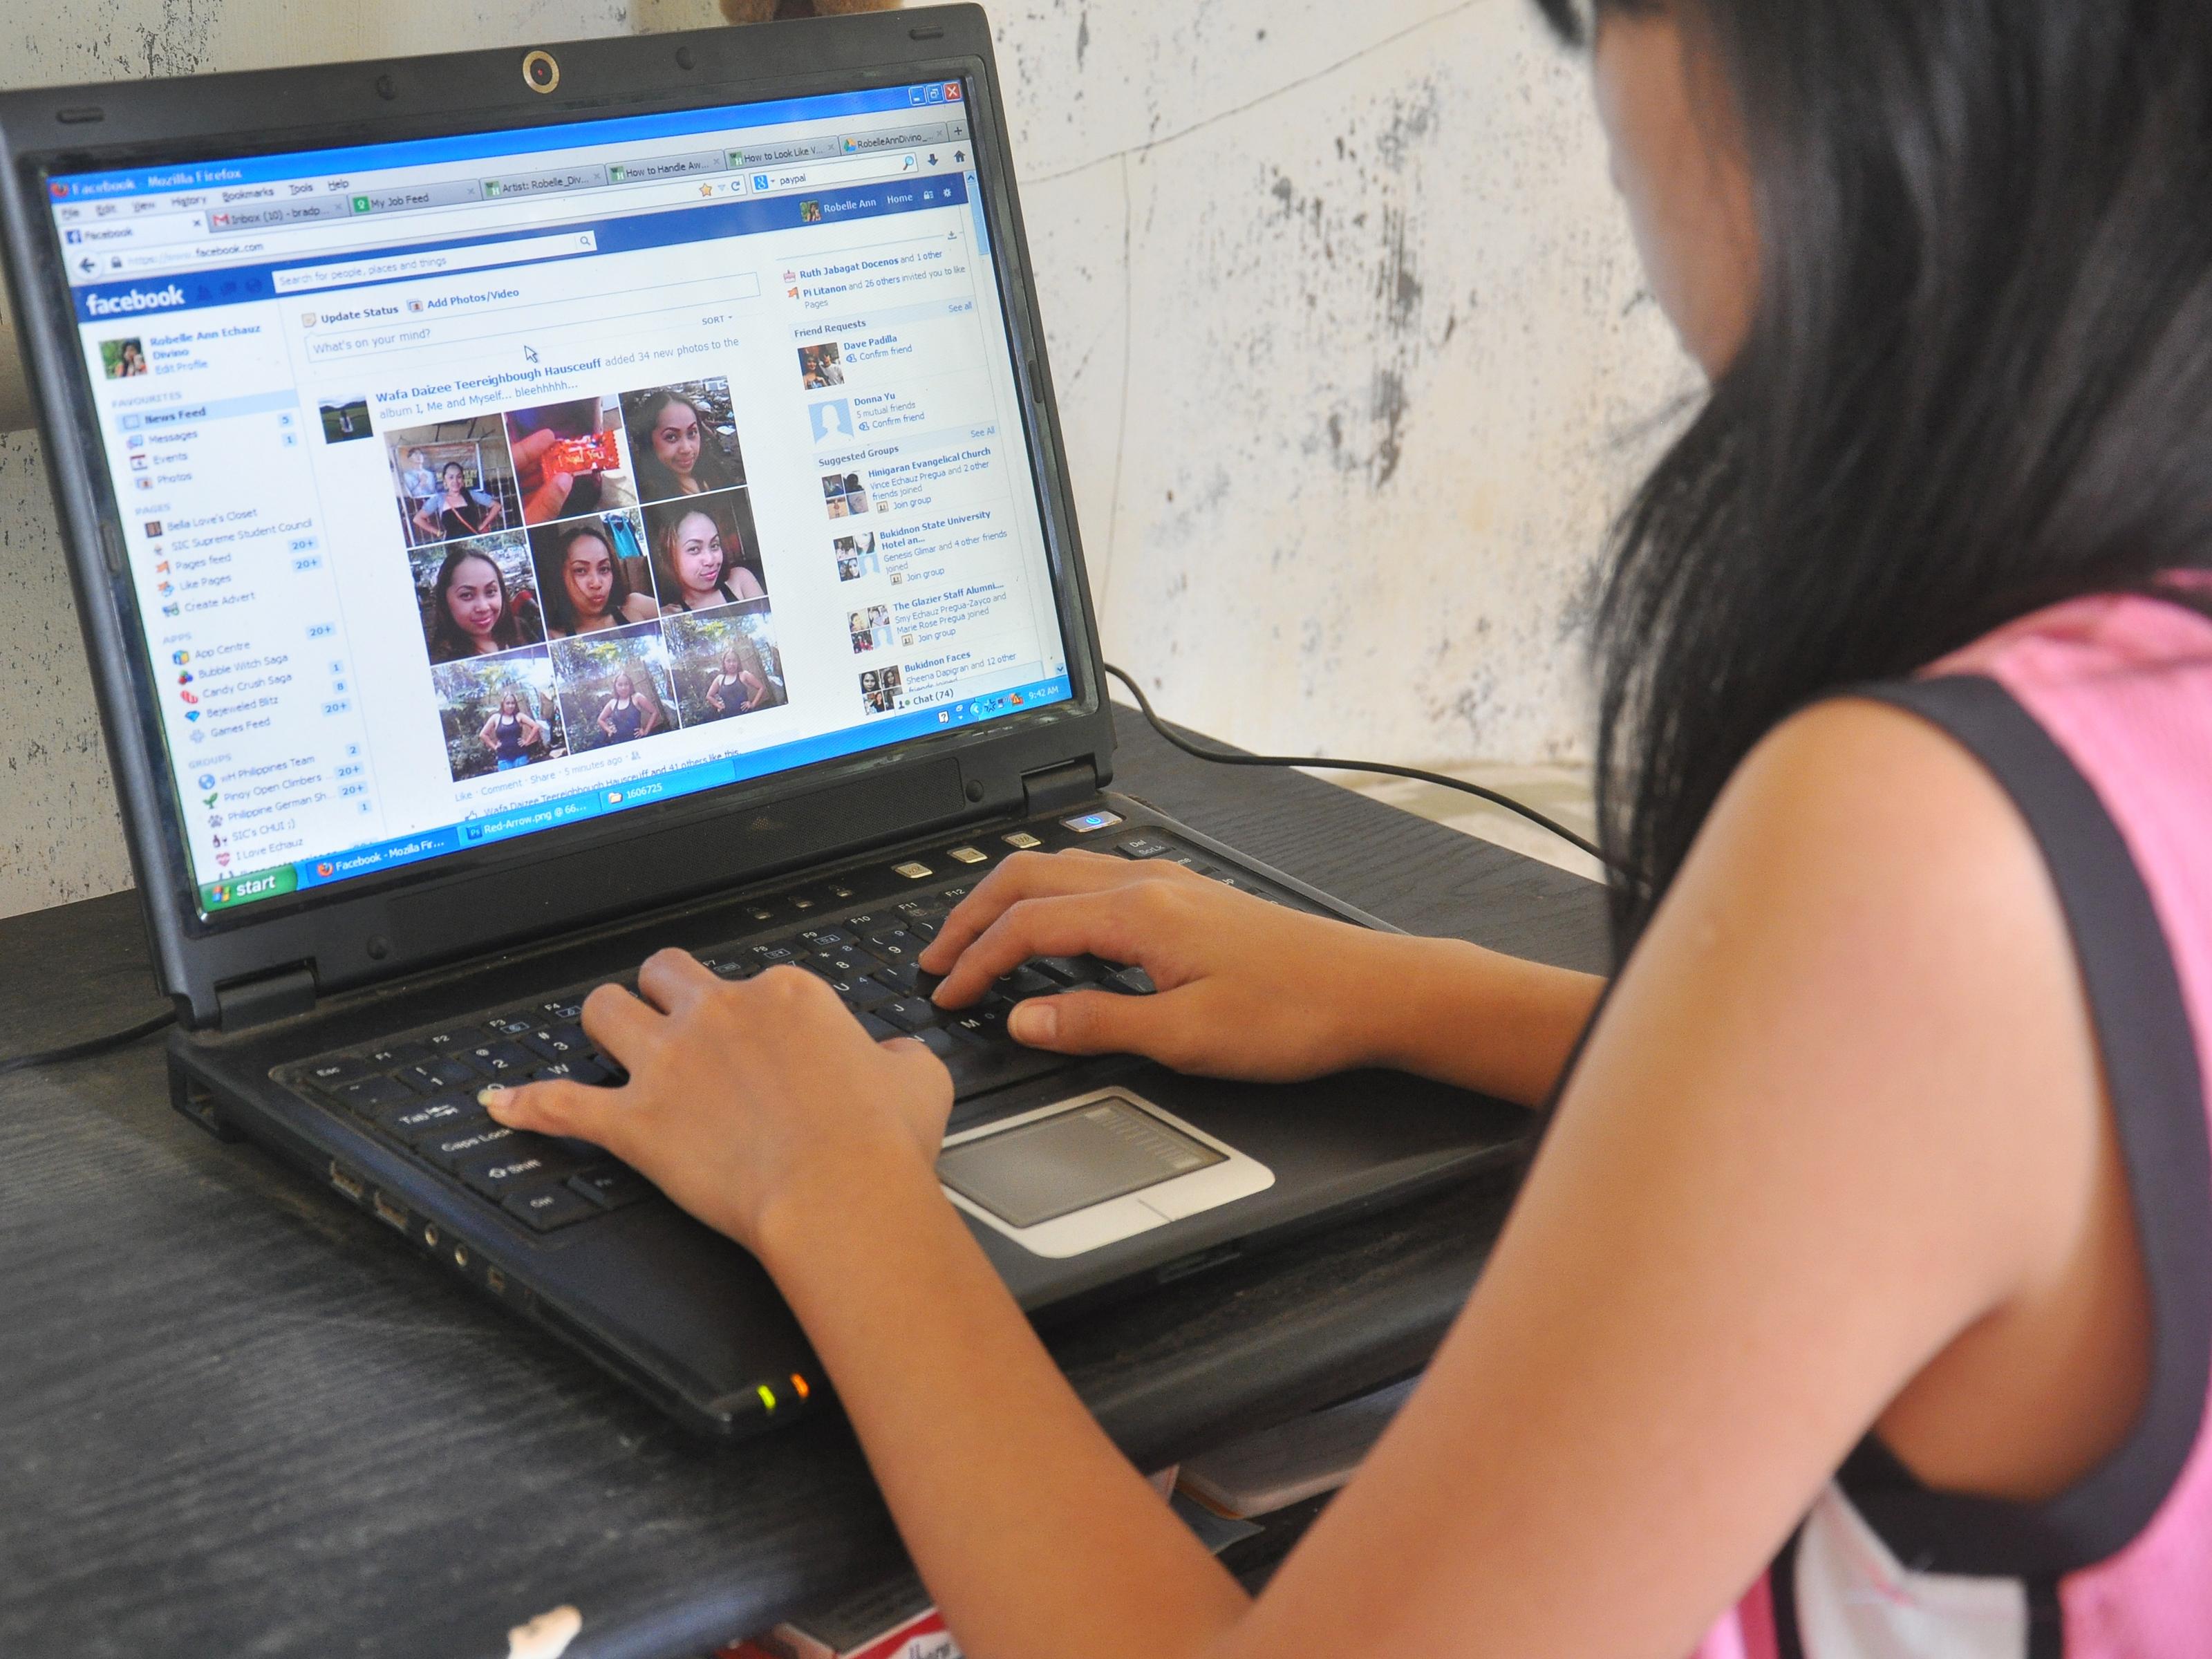 Facebook é tão viciante quanto cocaína e opioides, afirma estudo